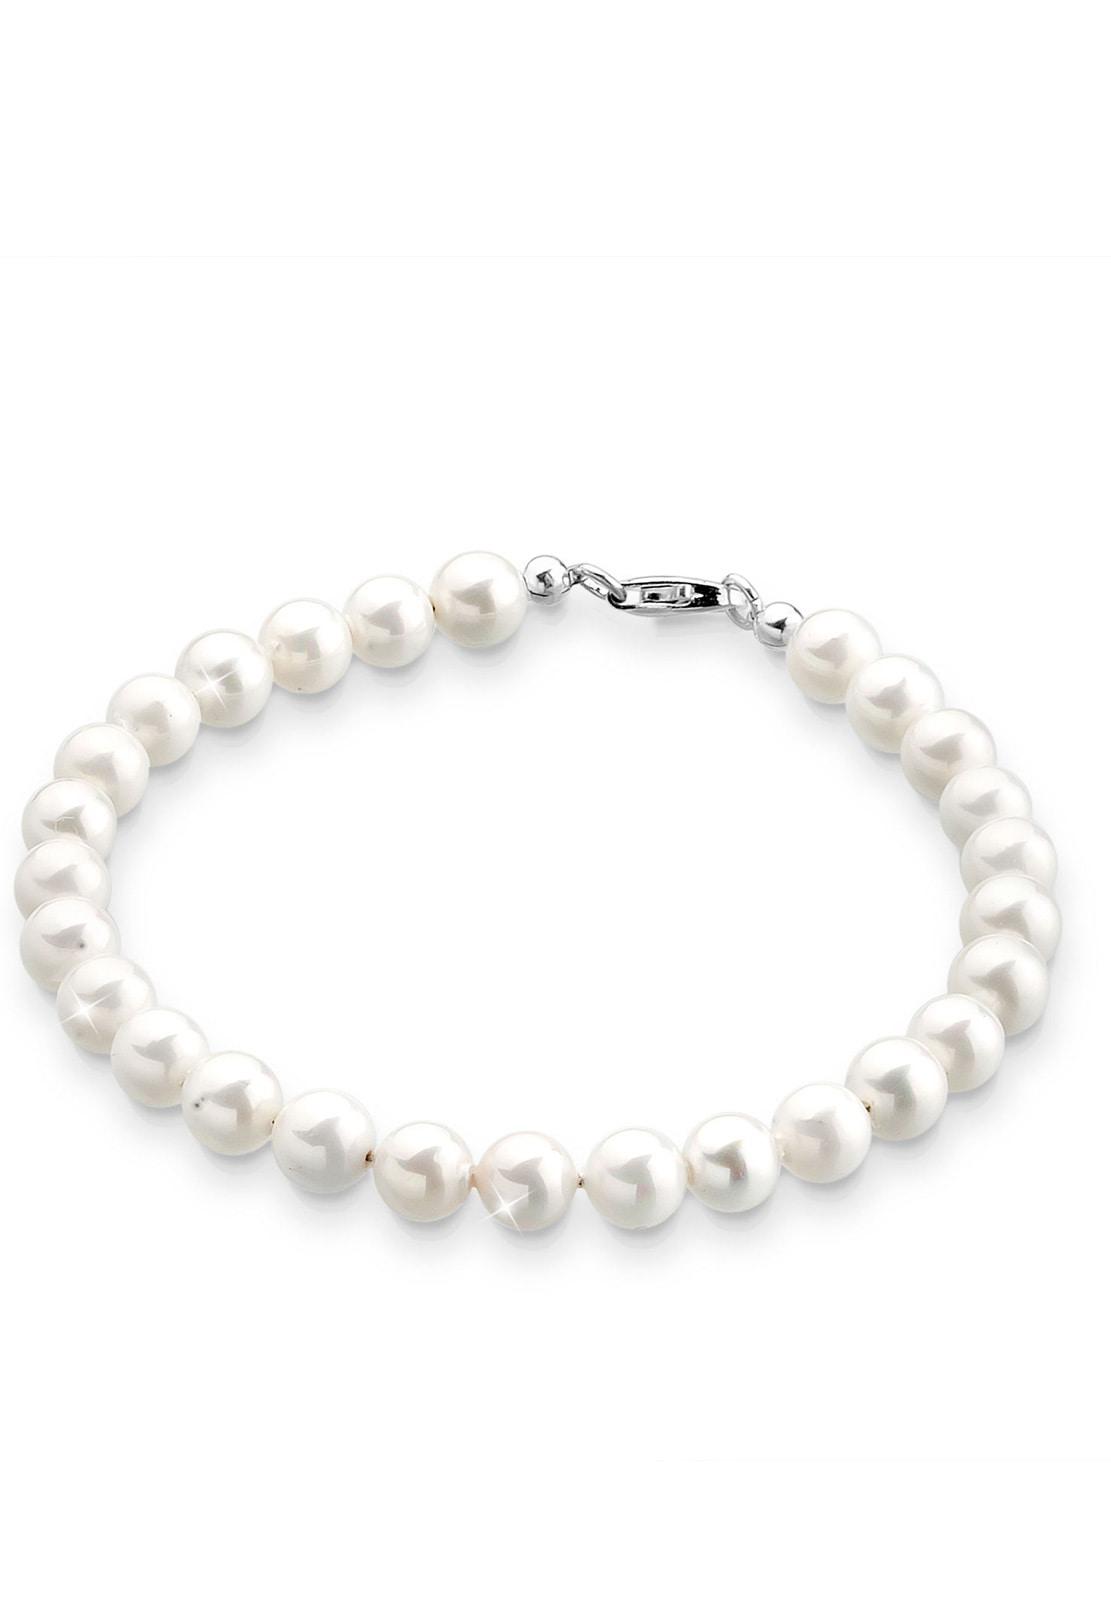 Elli Perlenarmband Zeitlos aus Muschelkernperlen 925 Silber | Schmuck > Armbänder > Perlenarmbänder | Weiß | Elli